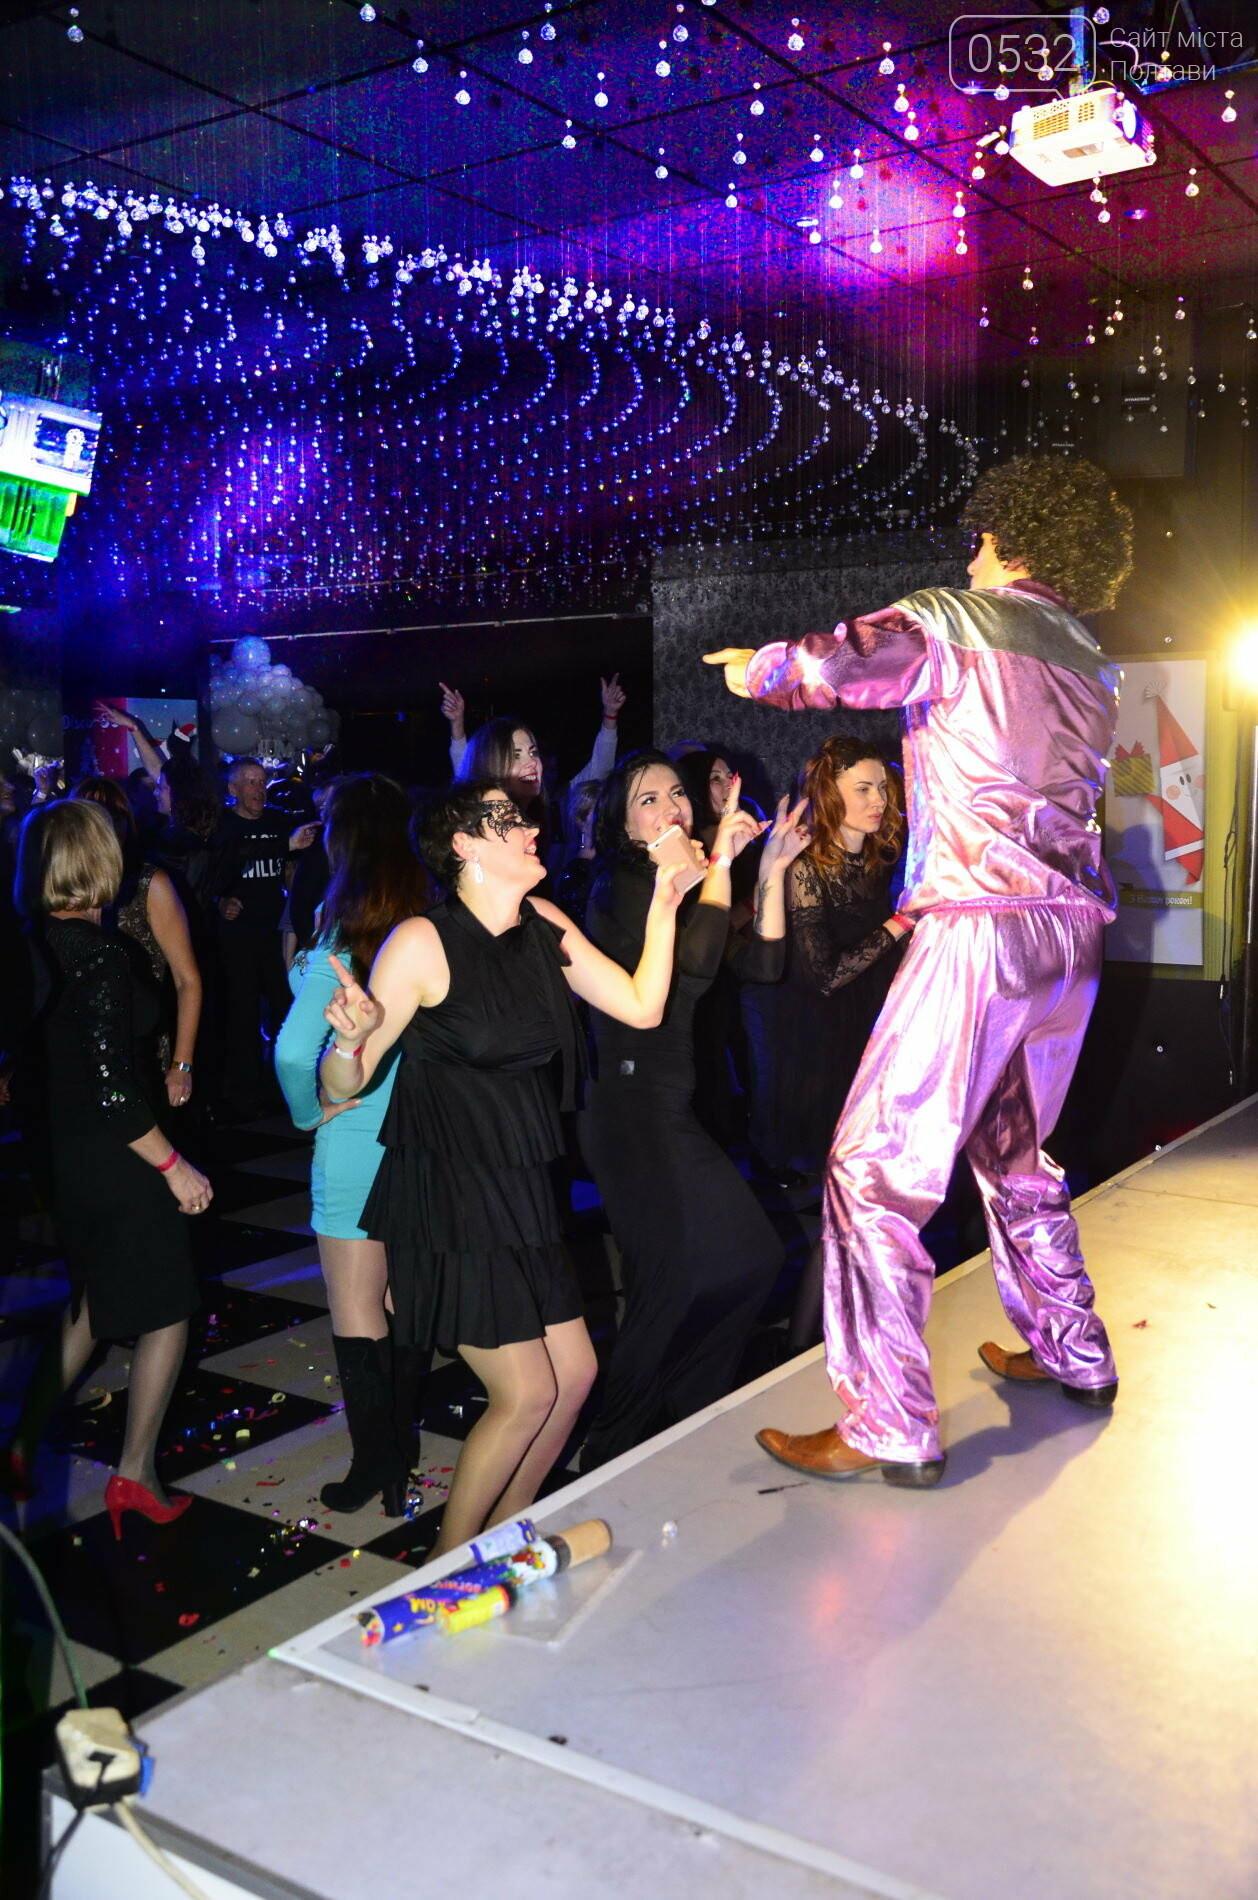 Дискотека 80-х запрошує полтавців на пекельну геловінську вечірку (ФОТО, ВІДЕО), фото-19